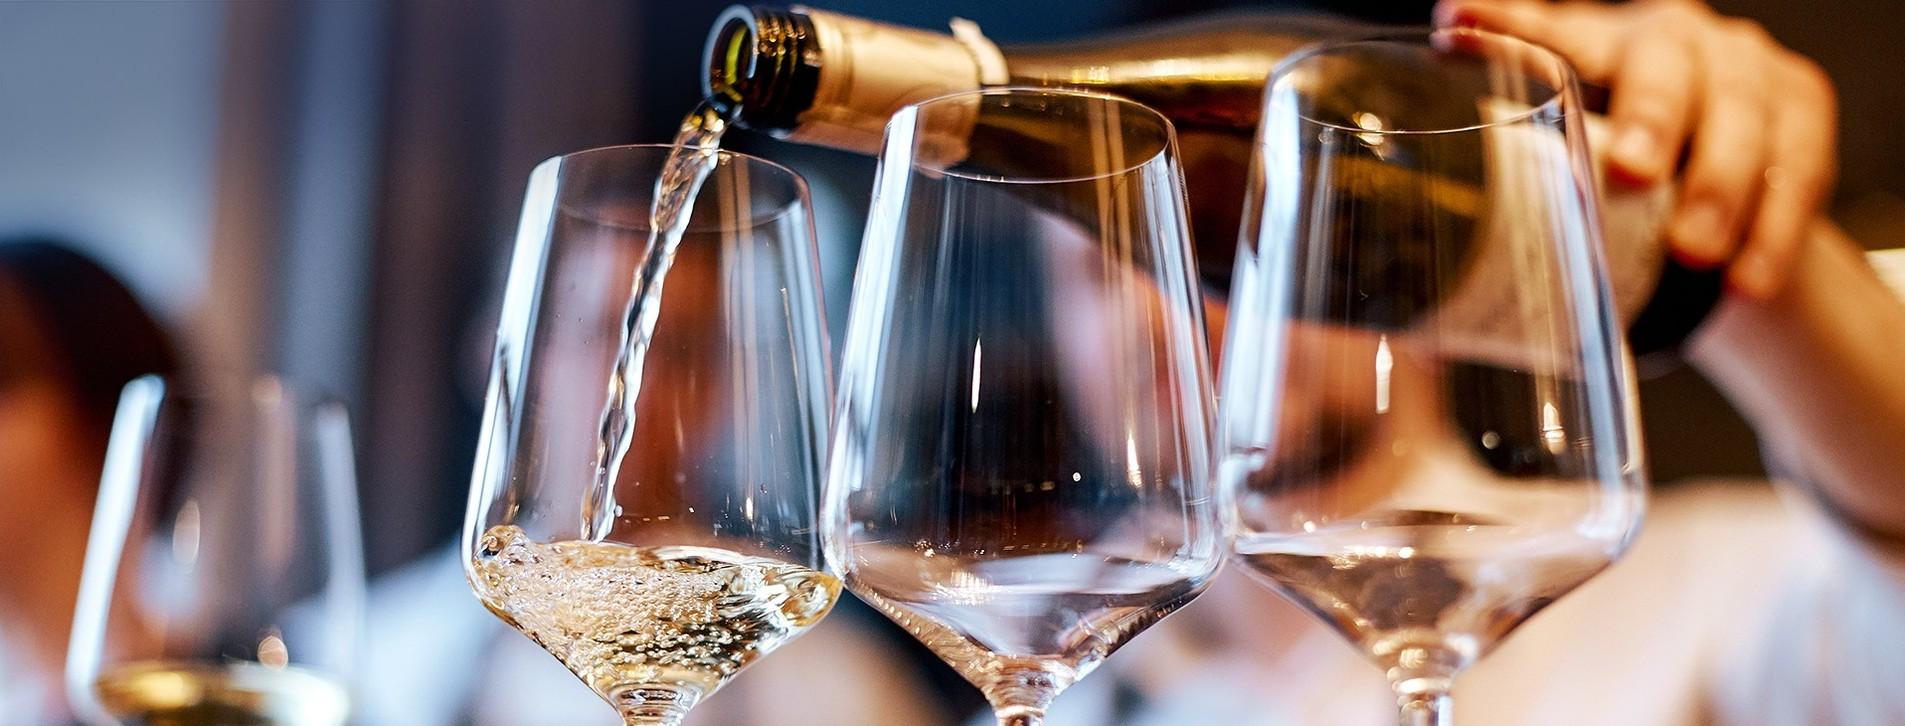 Фото 1 - Дегустация игристых вин для компании